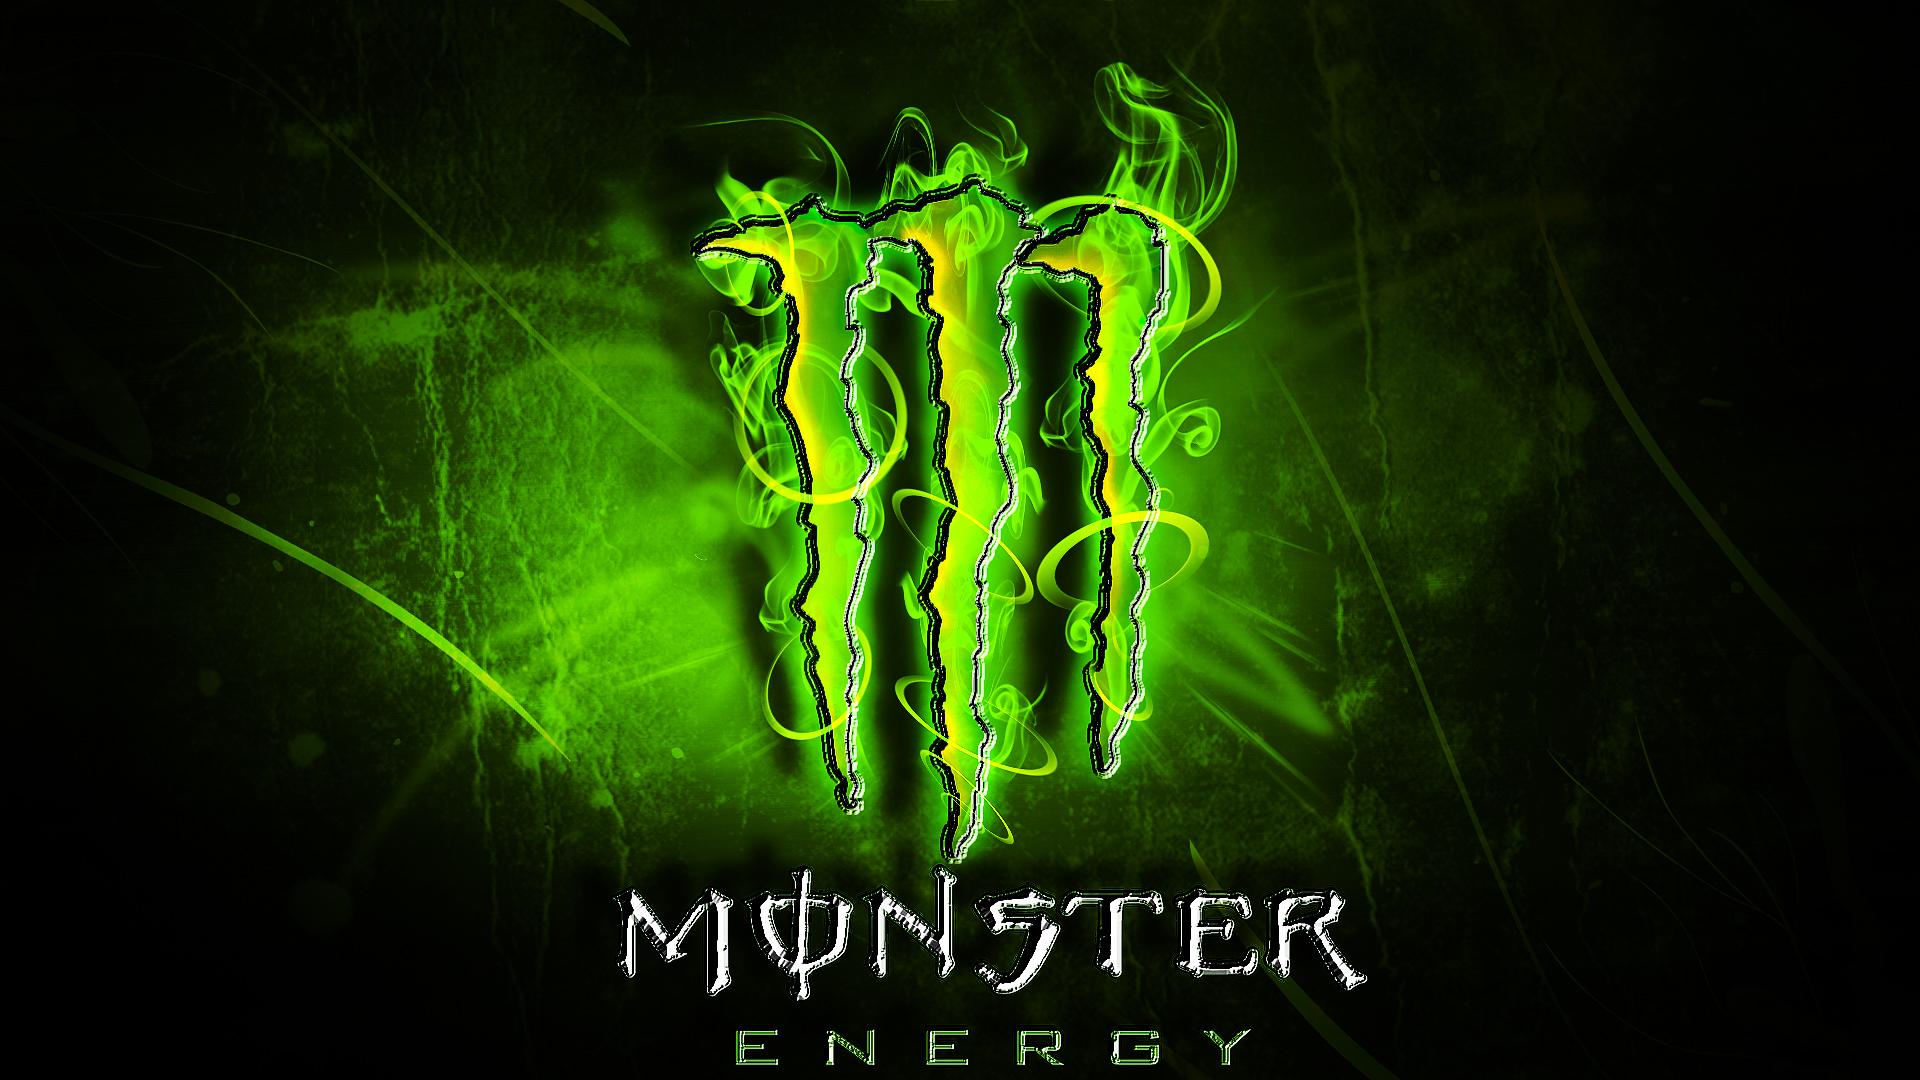 Monster energy wallpaper for computer wallpapersafari - Monster energy wallpaper download ...